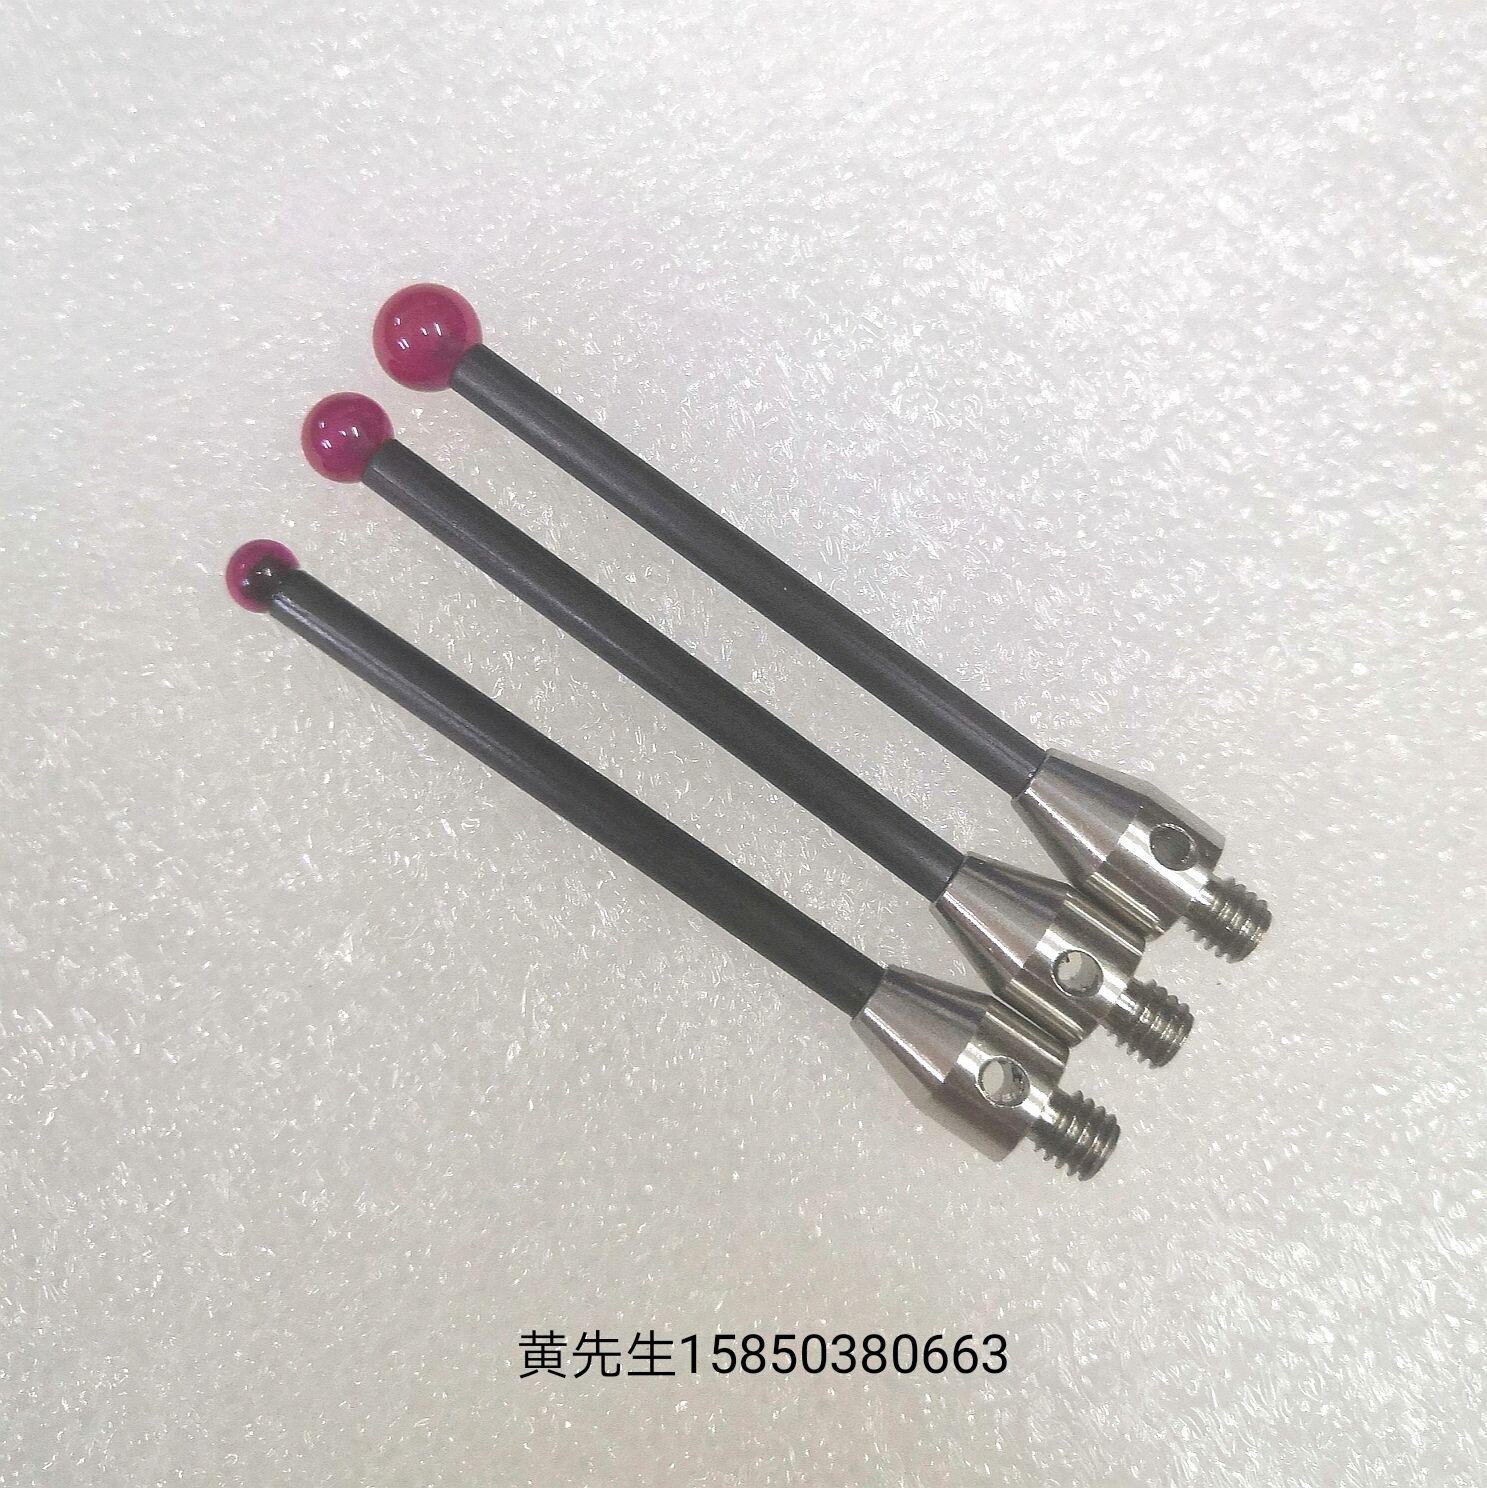 雷尼绍M4螺纹测针炭纤维红宝石测头机床测头国产代用4.0 5.0 6.0